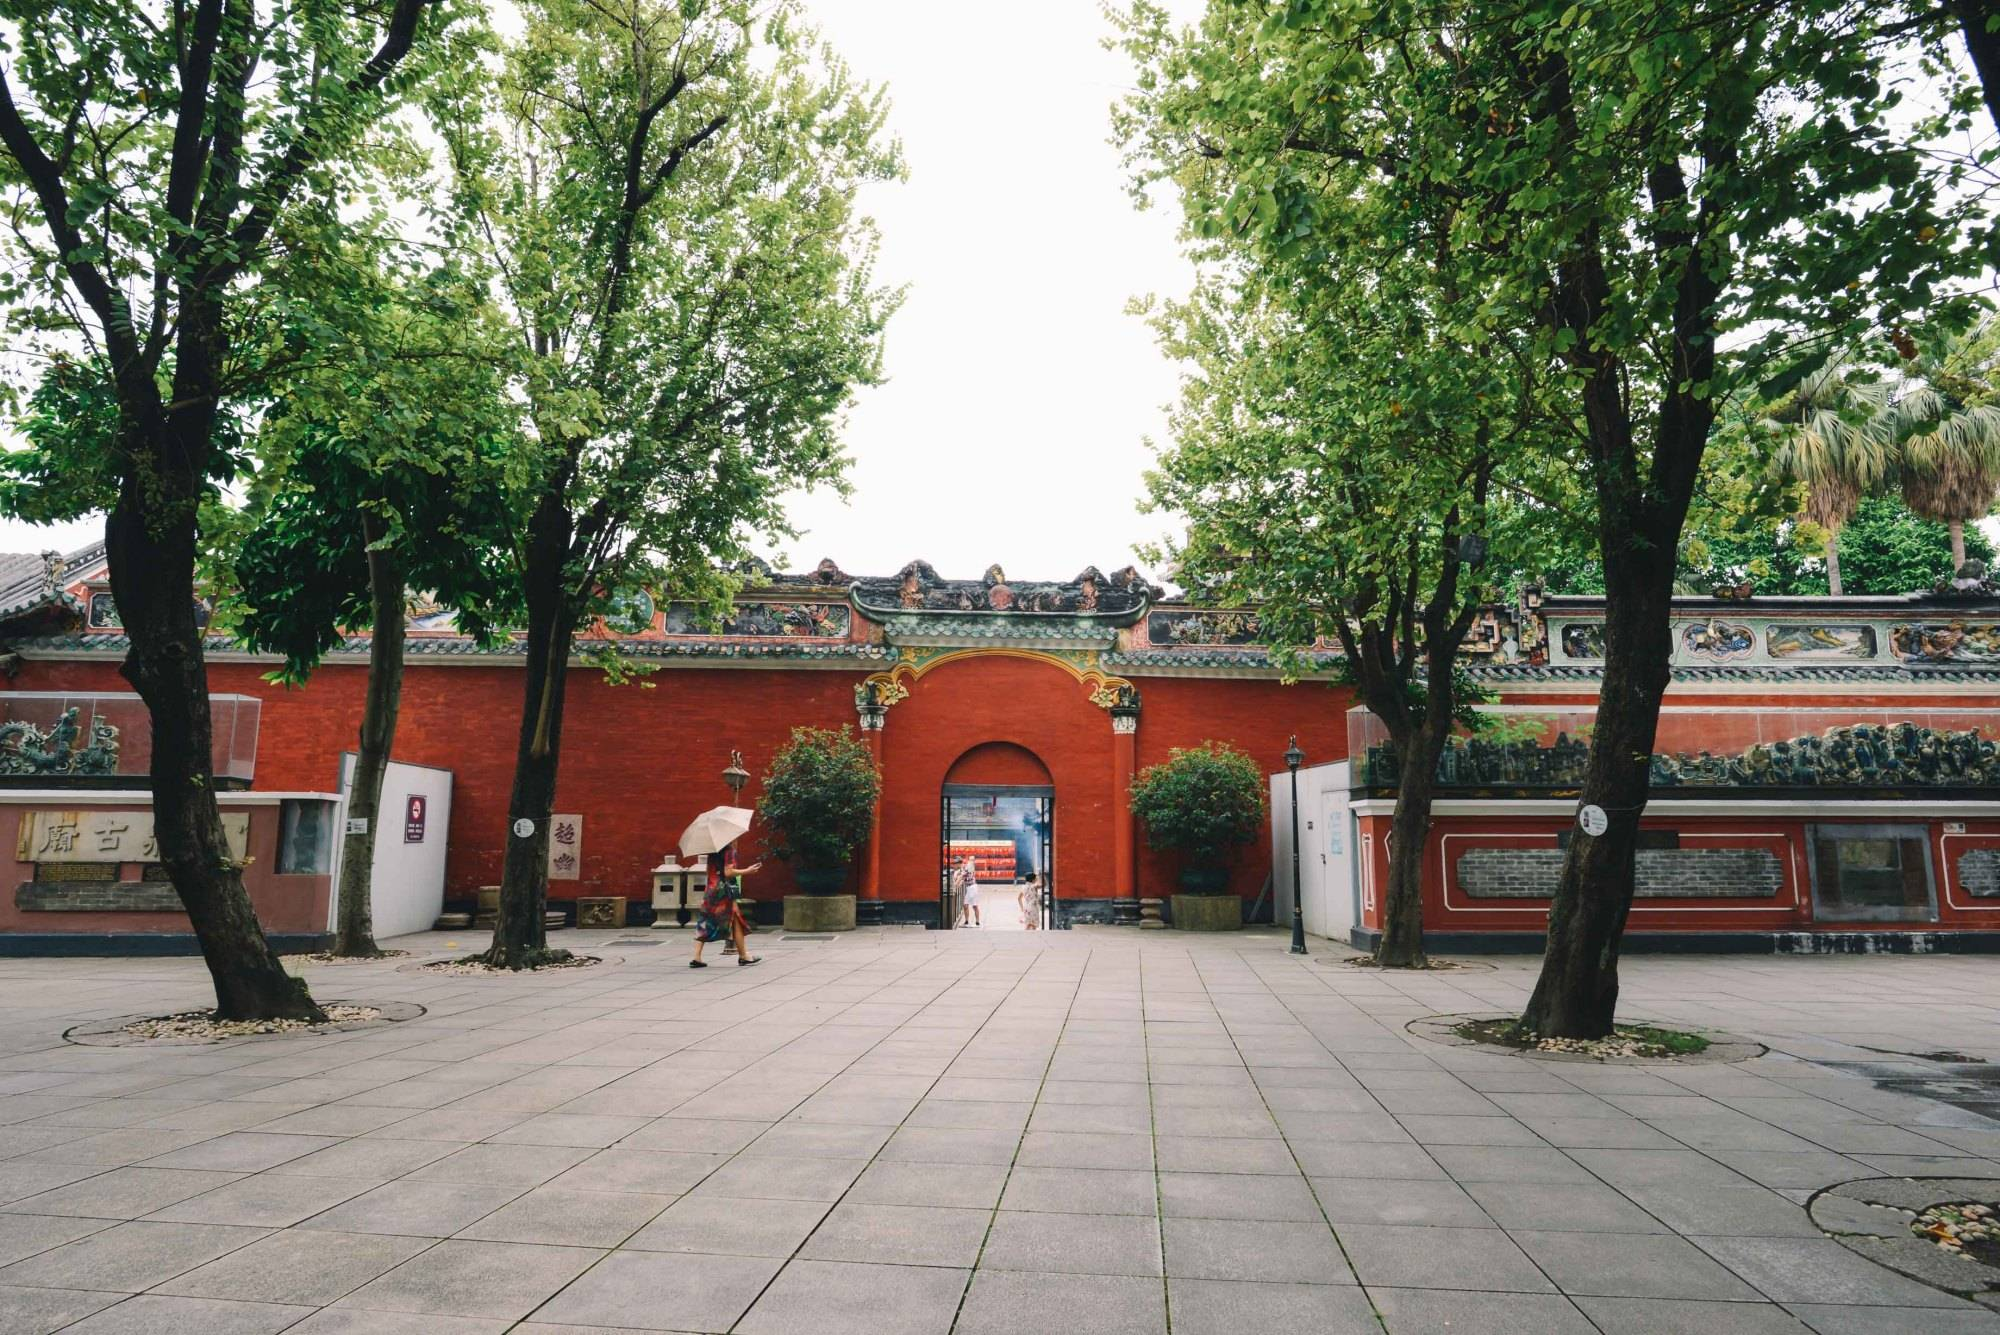 藏在广东的祖庙,东方民间艺术行宫,凭借岭南文化精粹实力出圈